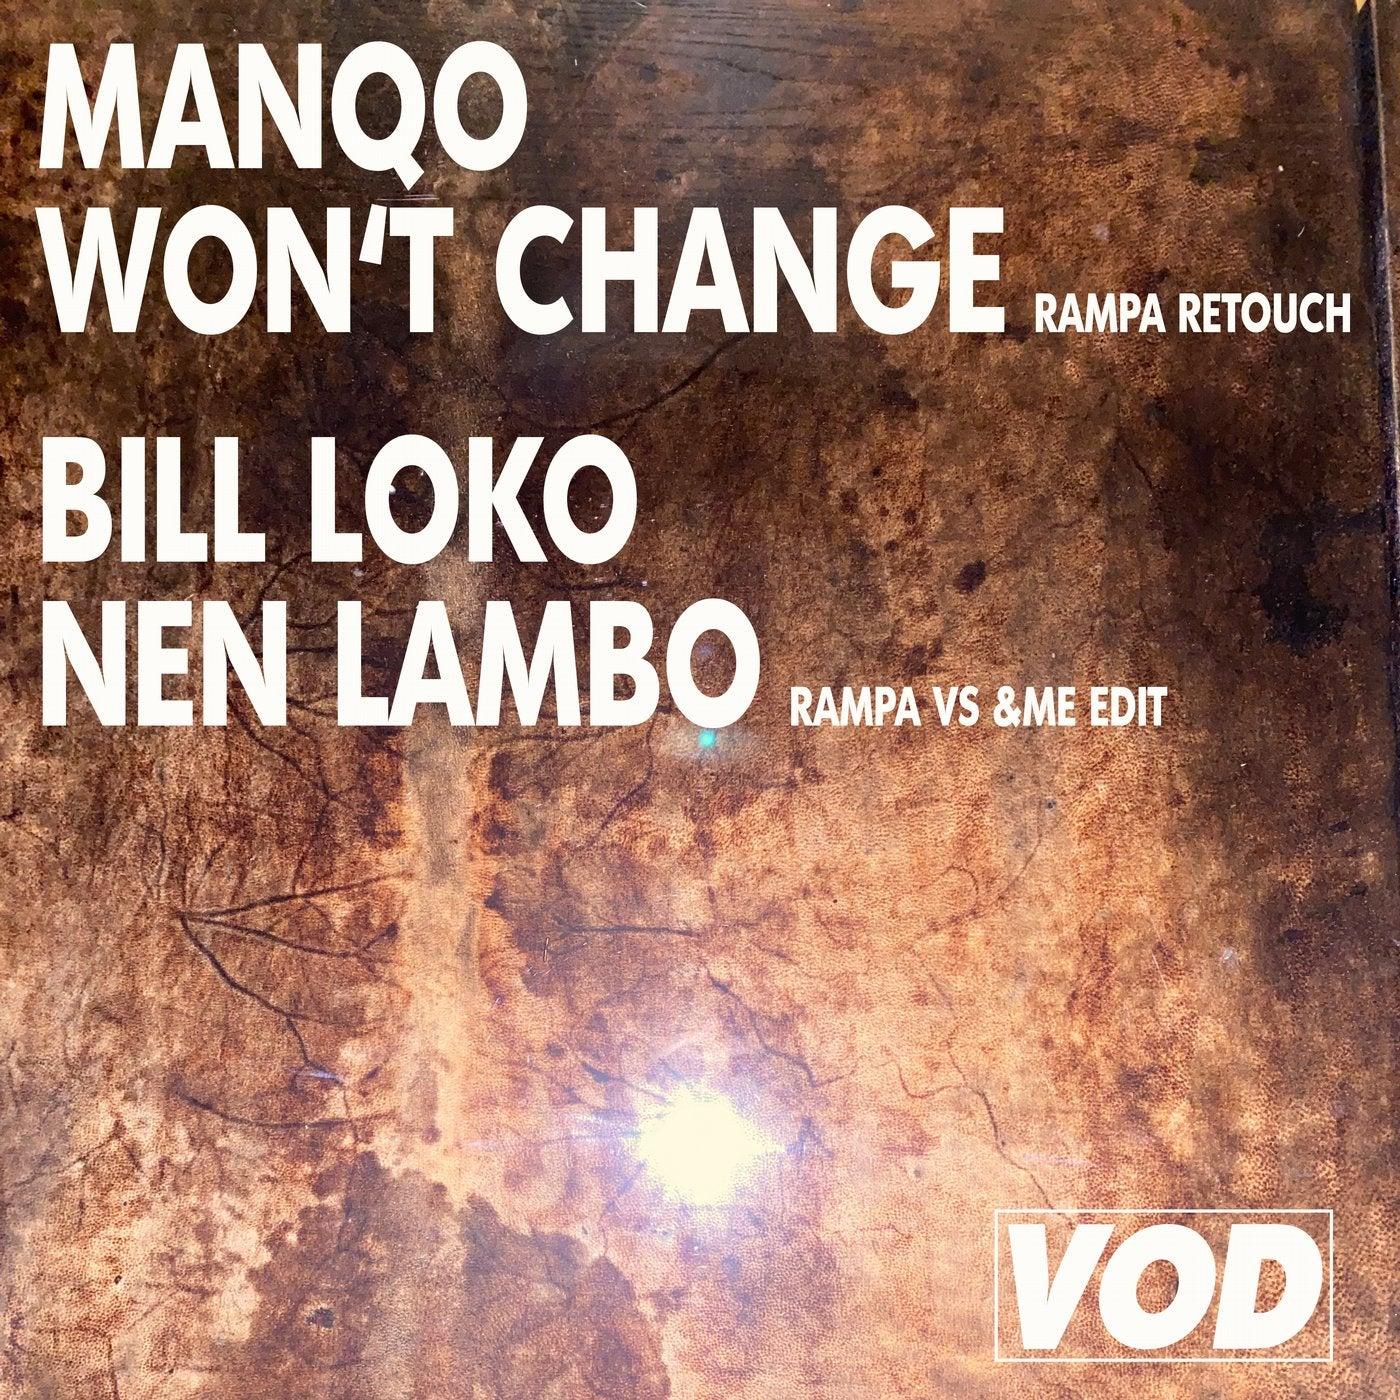 Nen Lambo (Rampa vs &ME Edit)